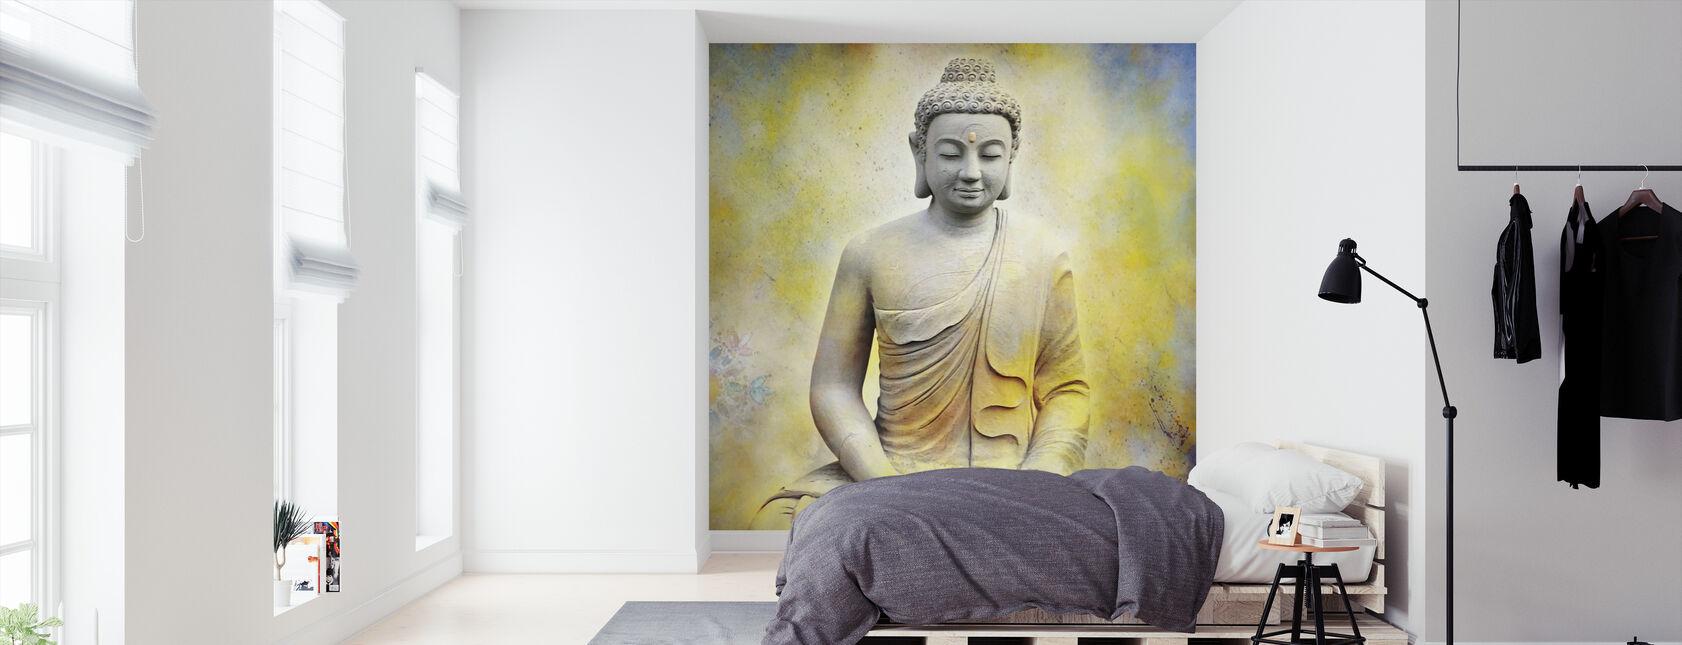 Illumination - Wallpaper - Bedroom